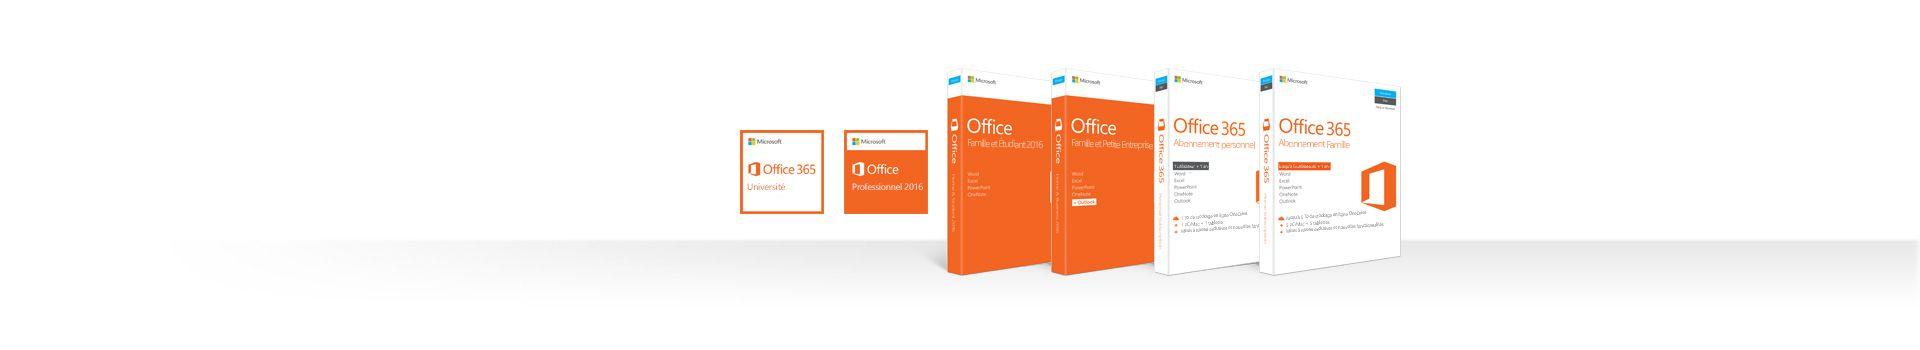 Ligne de boîtes représentant les abonnements Office et les produits autonomes pour PC